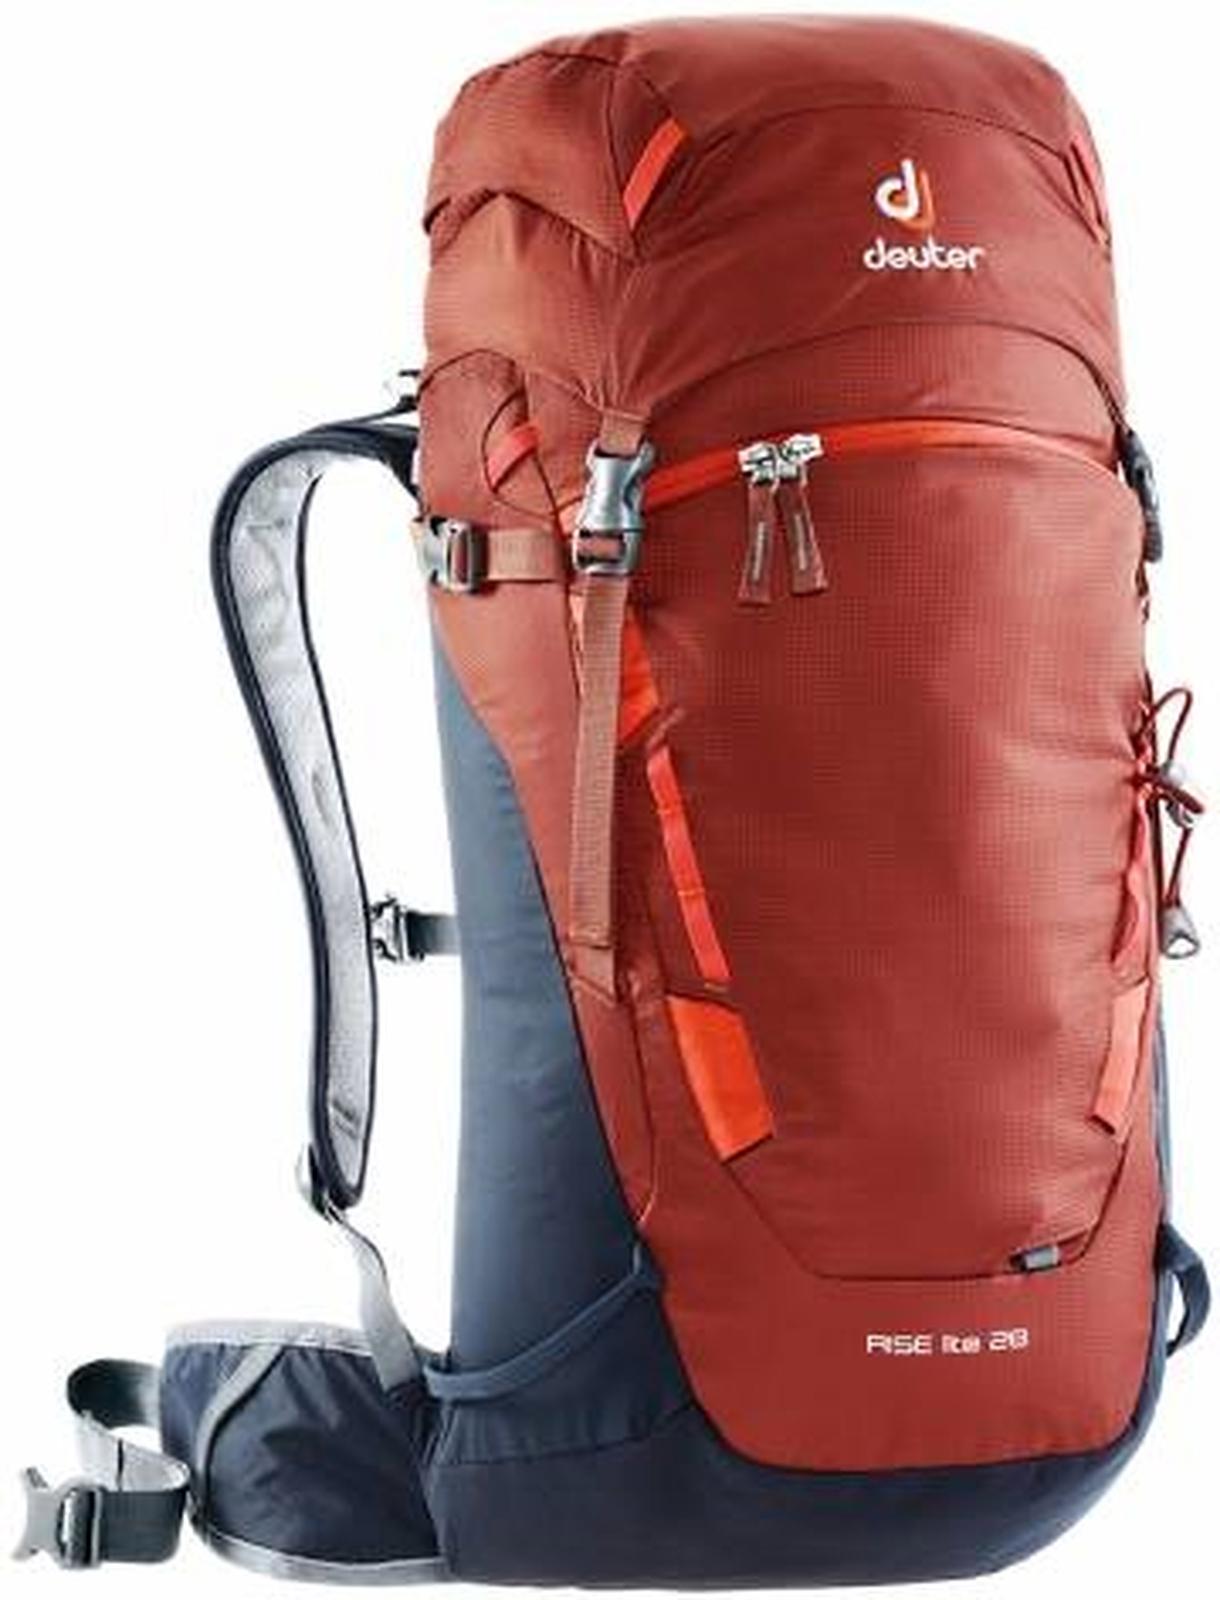 Рюкзак Deuter Rise Lite 28, цвет: красный цена и фото